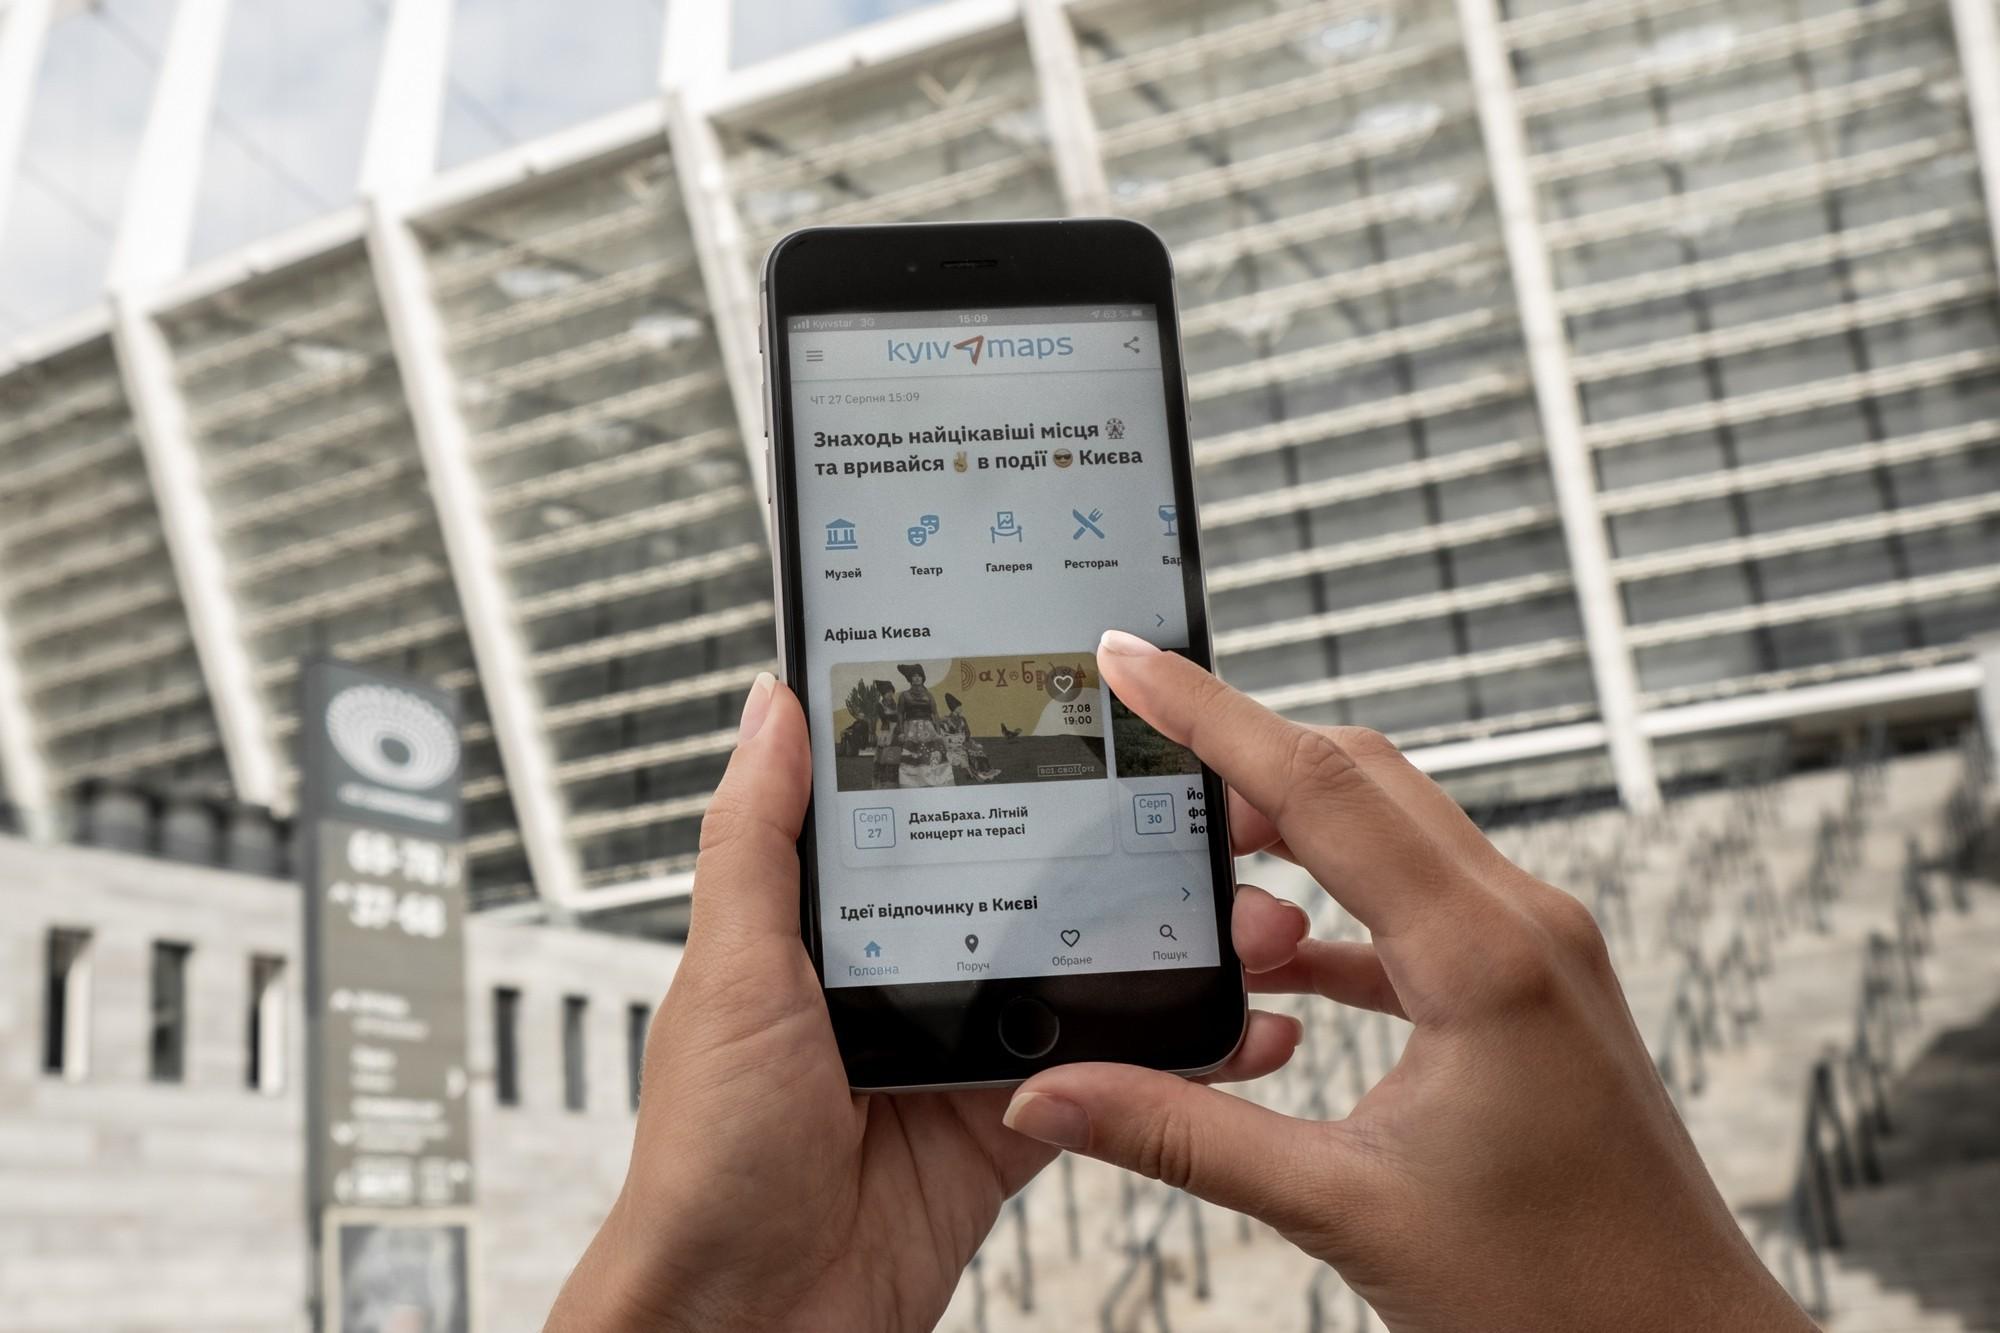 Столичный онлайн-ресурс городских событий и локаций Kyivmaps выпустил мобильное приложение - ITC.ua